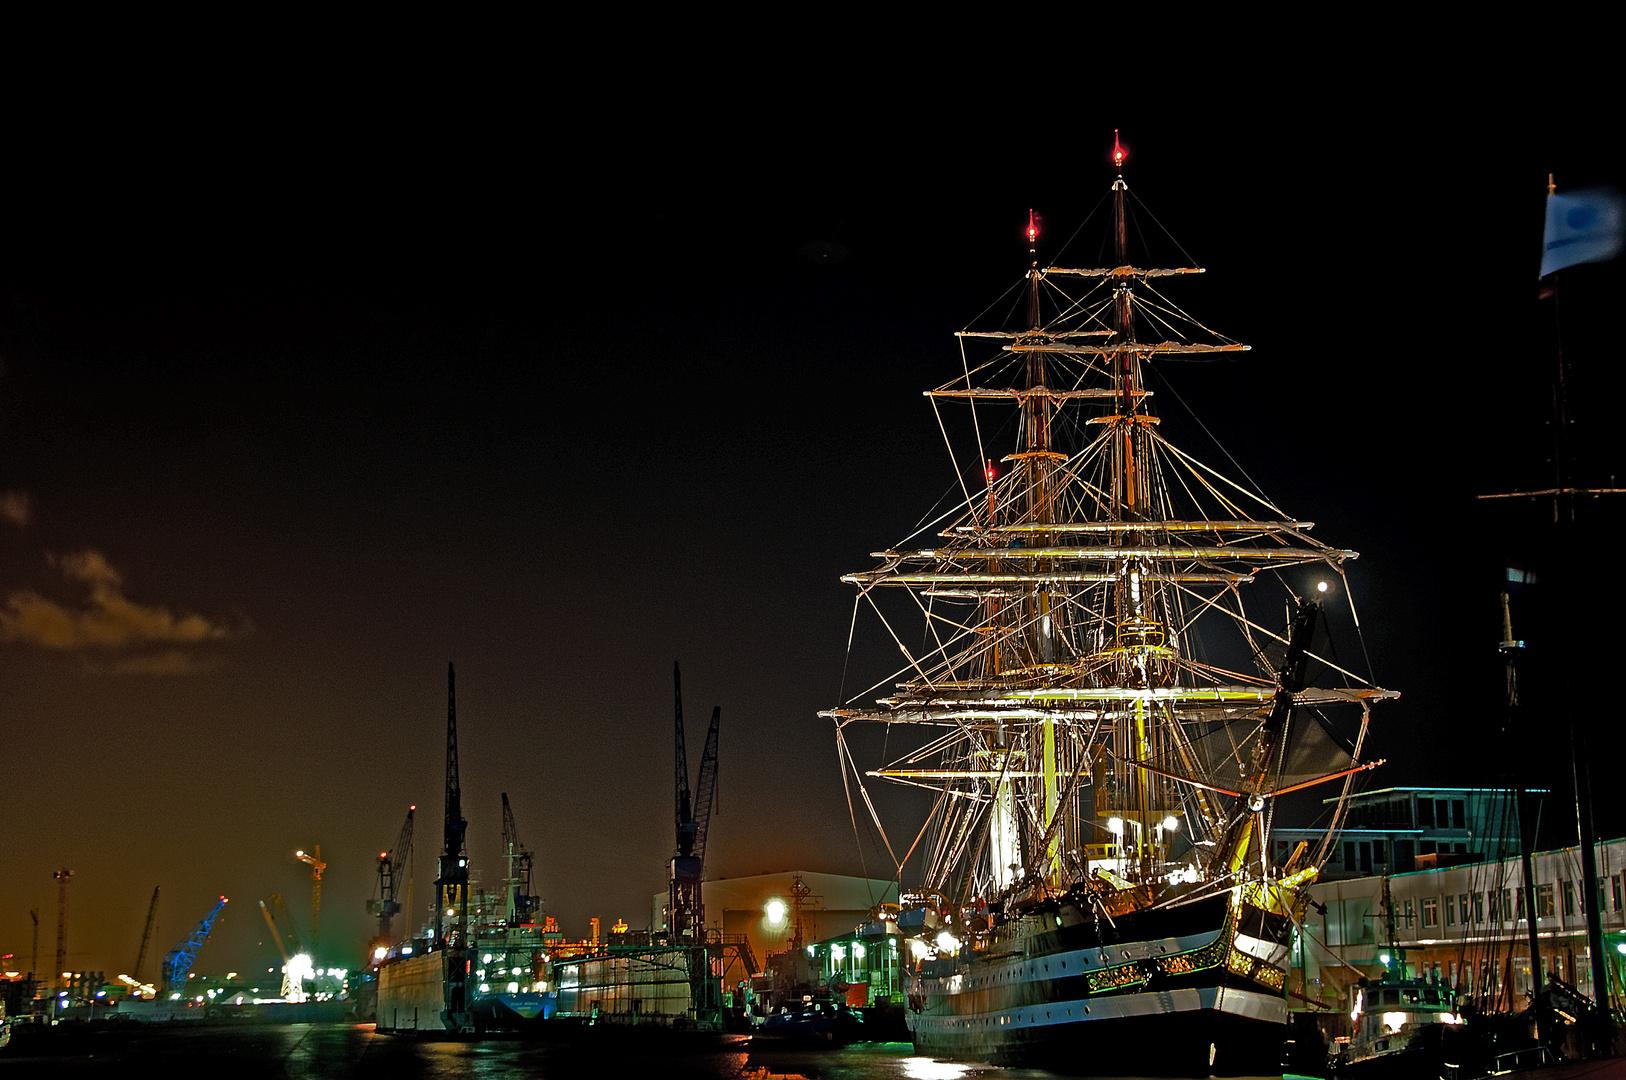 American Vespucci in Bremerhaven bei Nacht - SAIL 2010